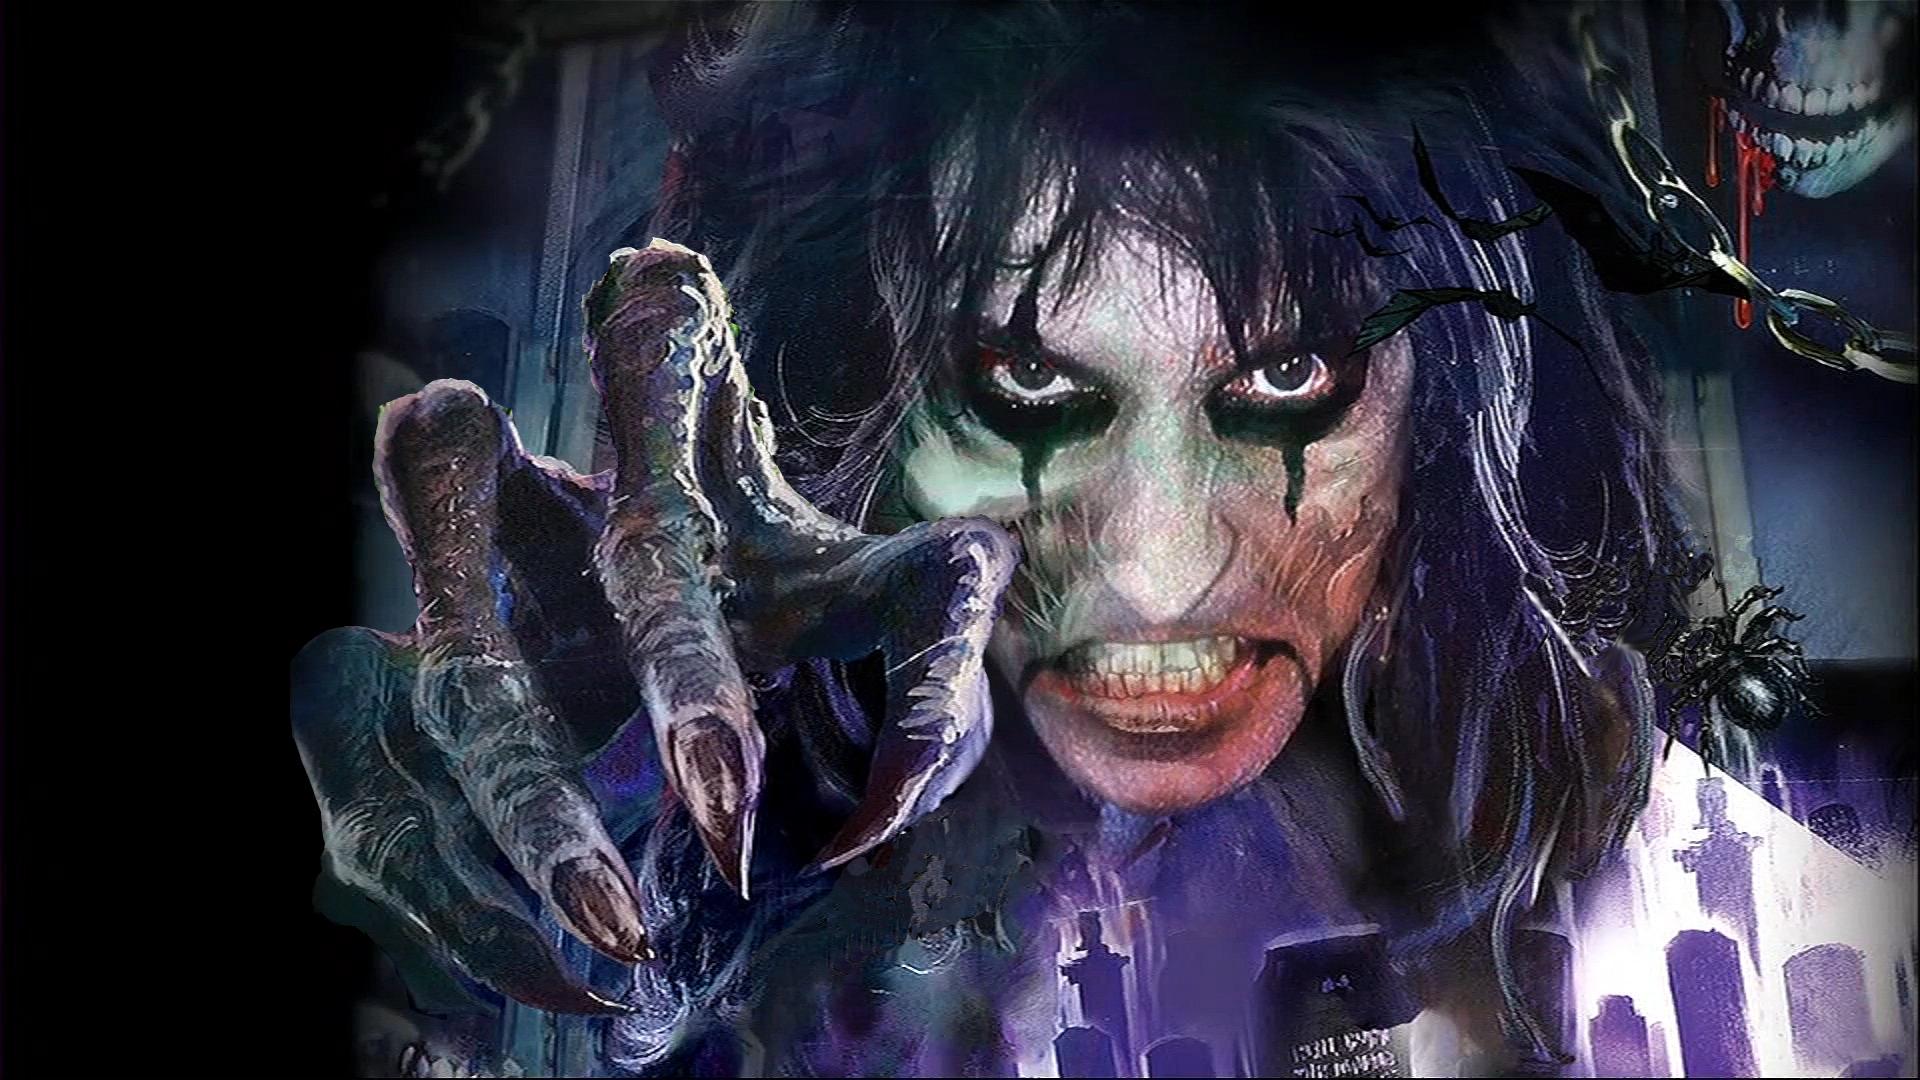 Blu-Ray - Alice Cooper's Halloween Night of Fear 3D Blu-Ray / [2011, Rock,Blu-Ray]